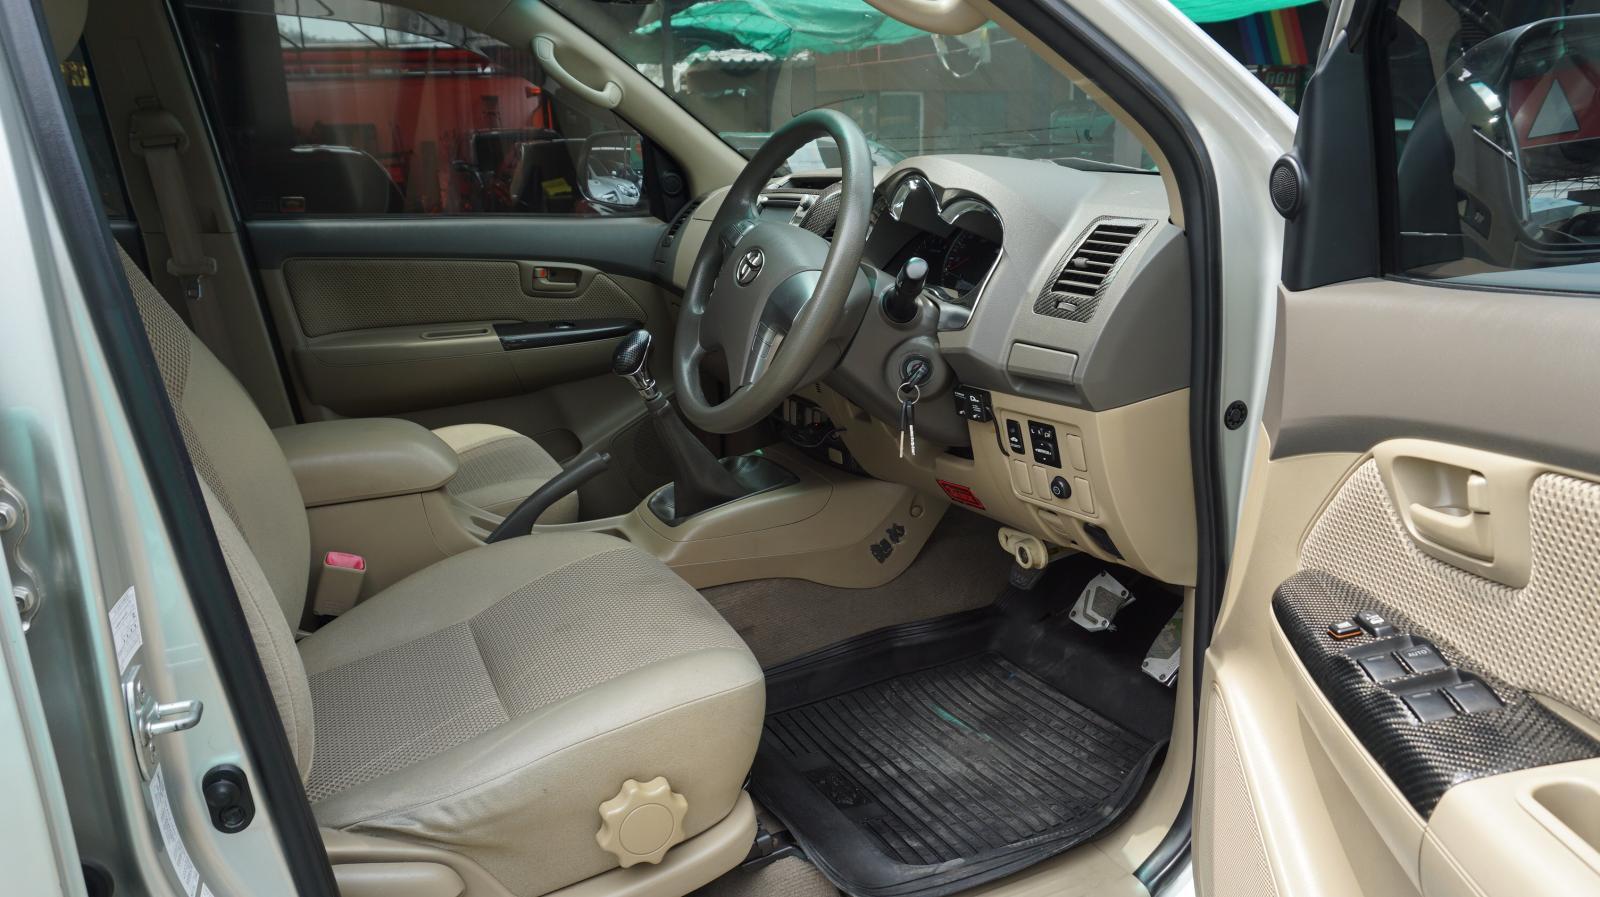 ซื้อขายรถมือสอง 2013 Toyota Hilux Vigo 2.5 E Prerunner VN Turbo Double Cab Pickup MT